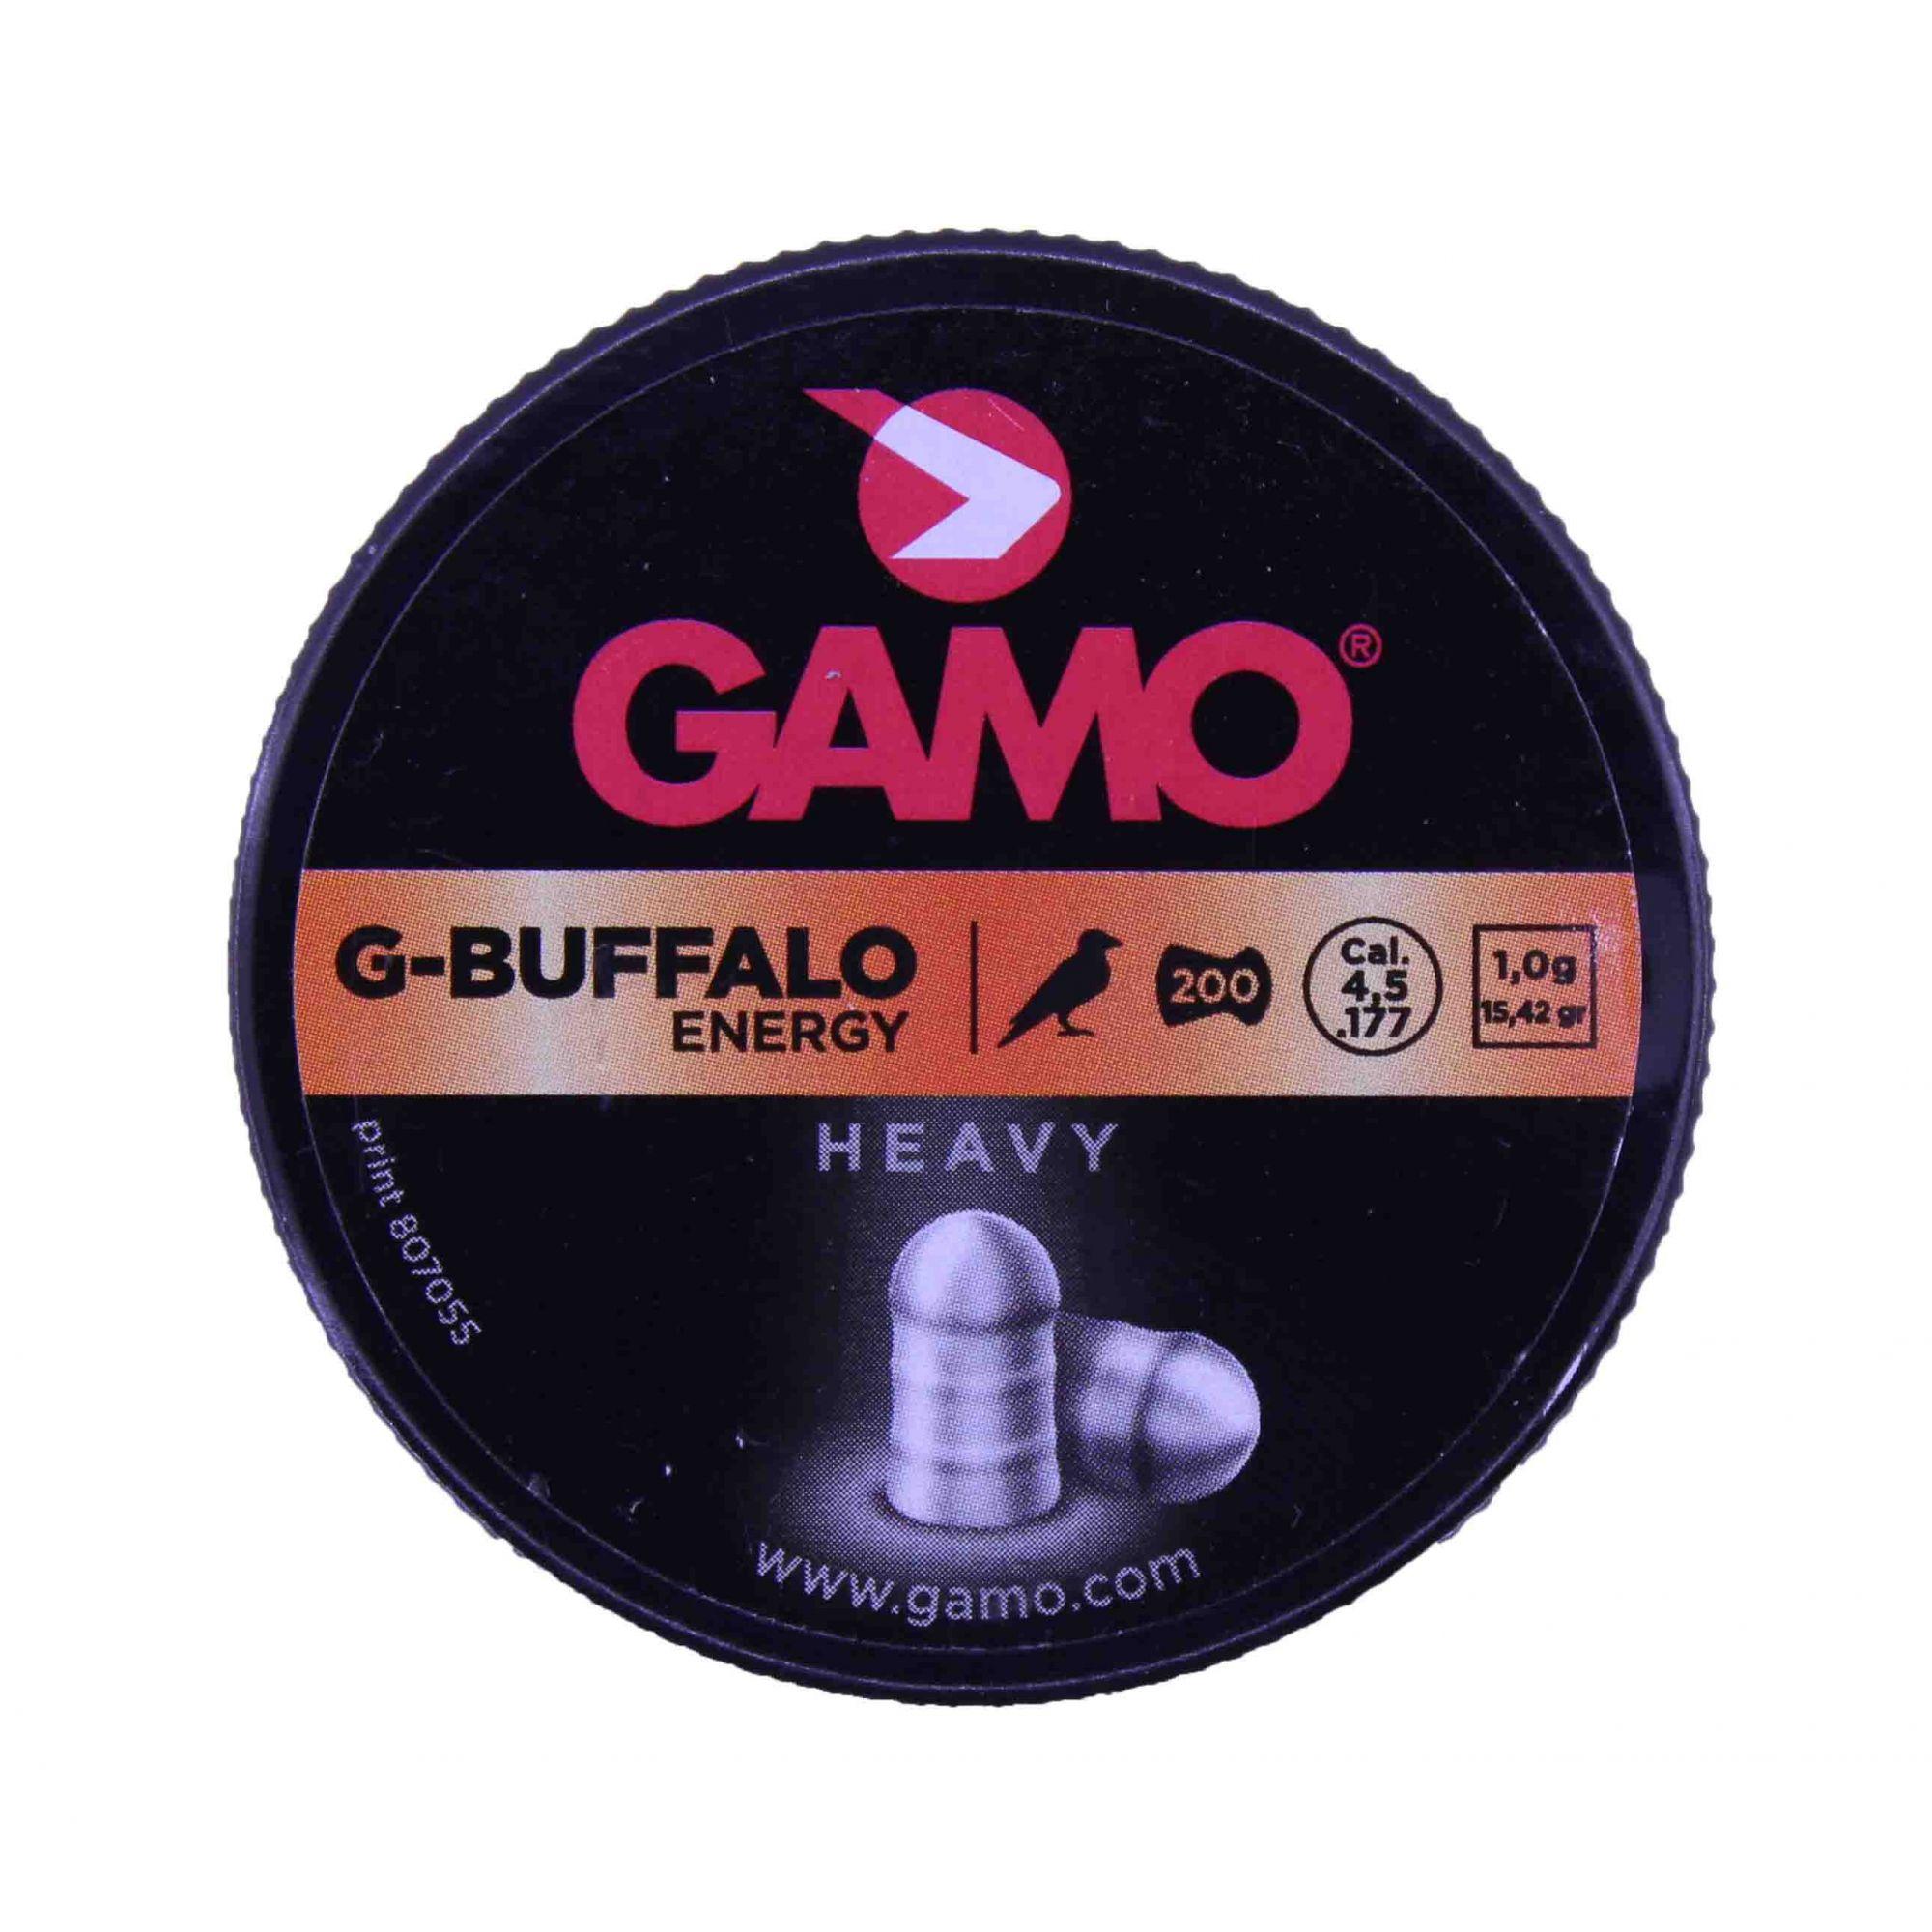 Chumbinho Gamo G-Buffalo Energy.177 4.5mm